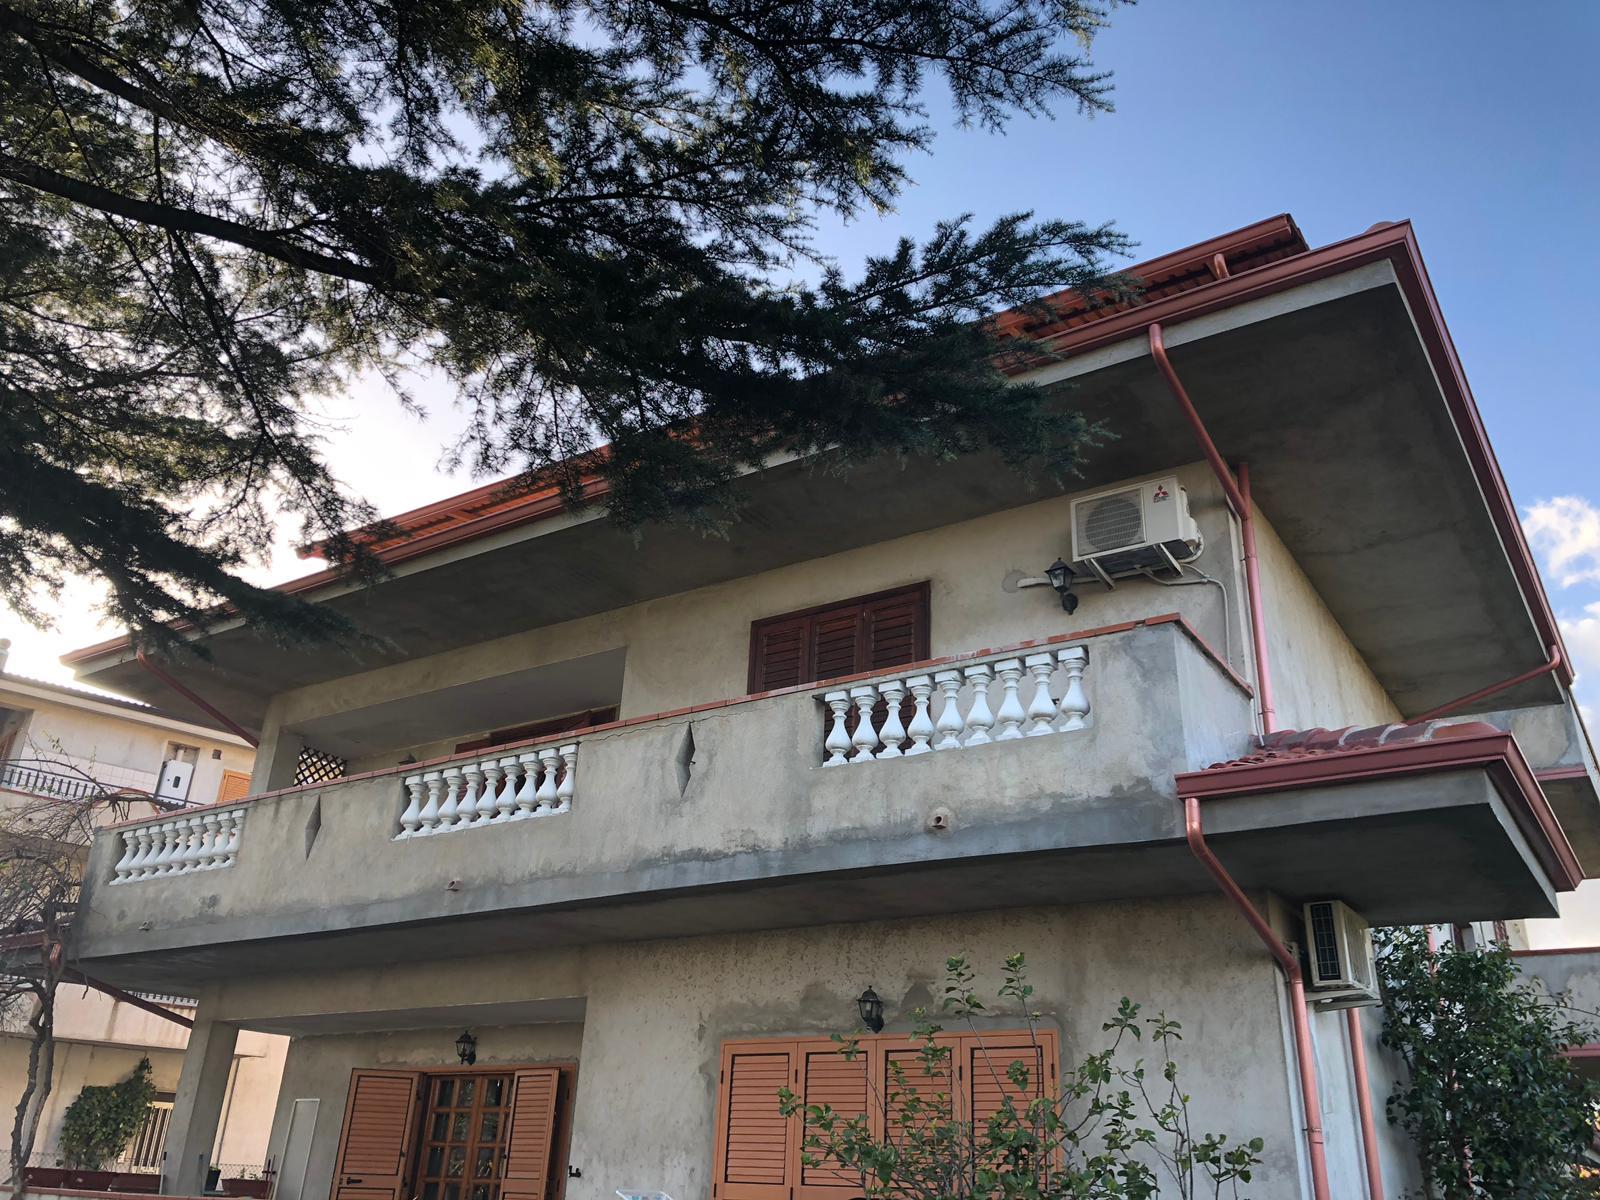 AFFITTO ESTIVO -Appartamento al secondo piano di una villetta-